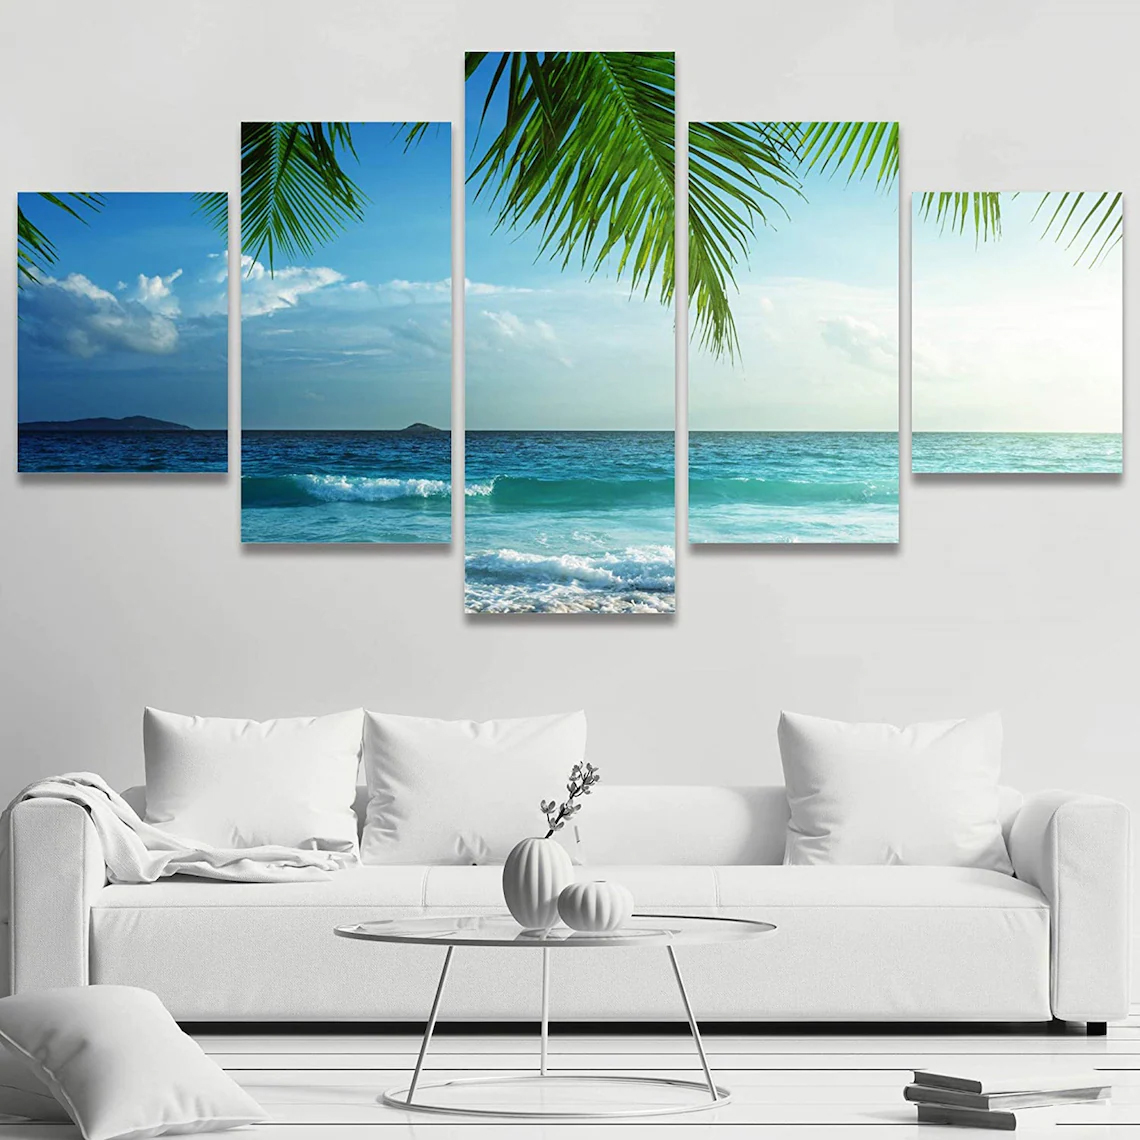 Beach Sunset Wall Art 5 Piece 7